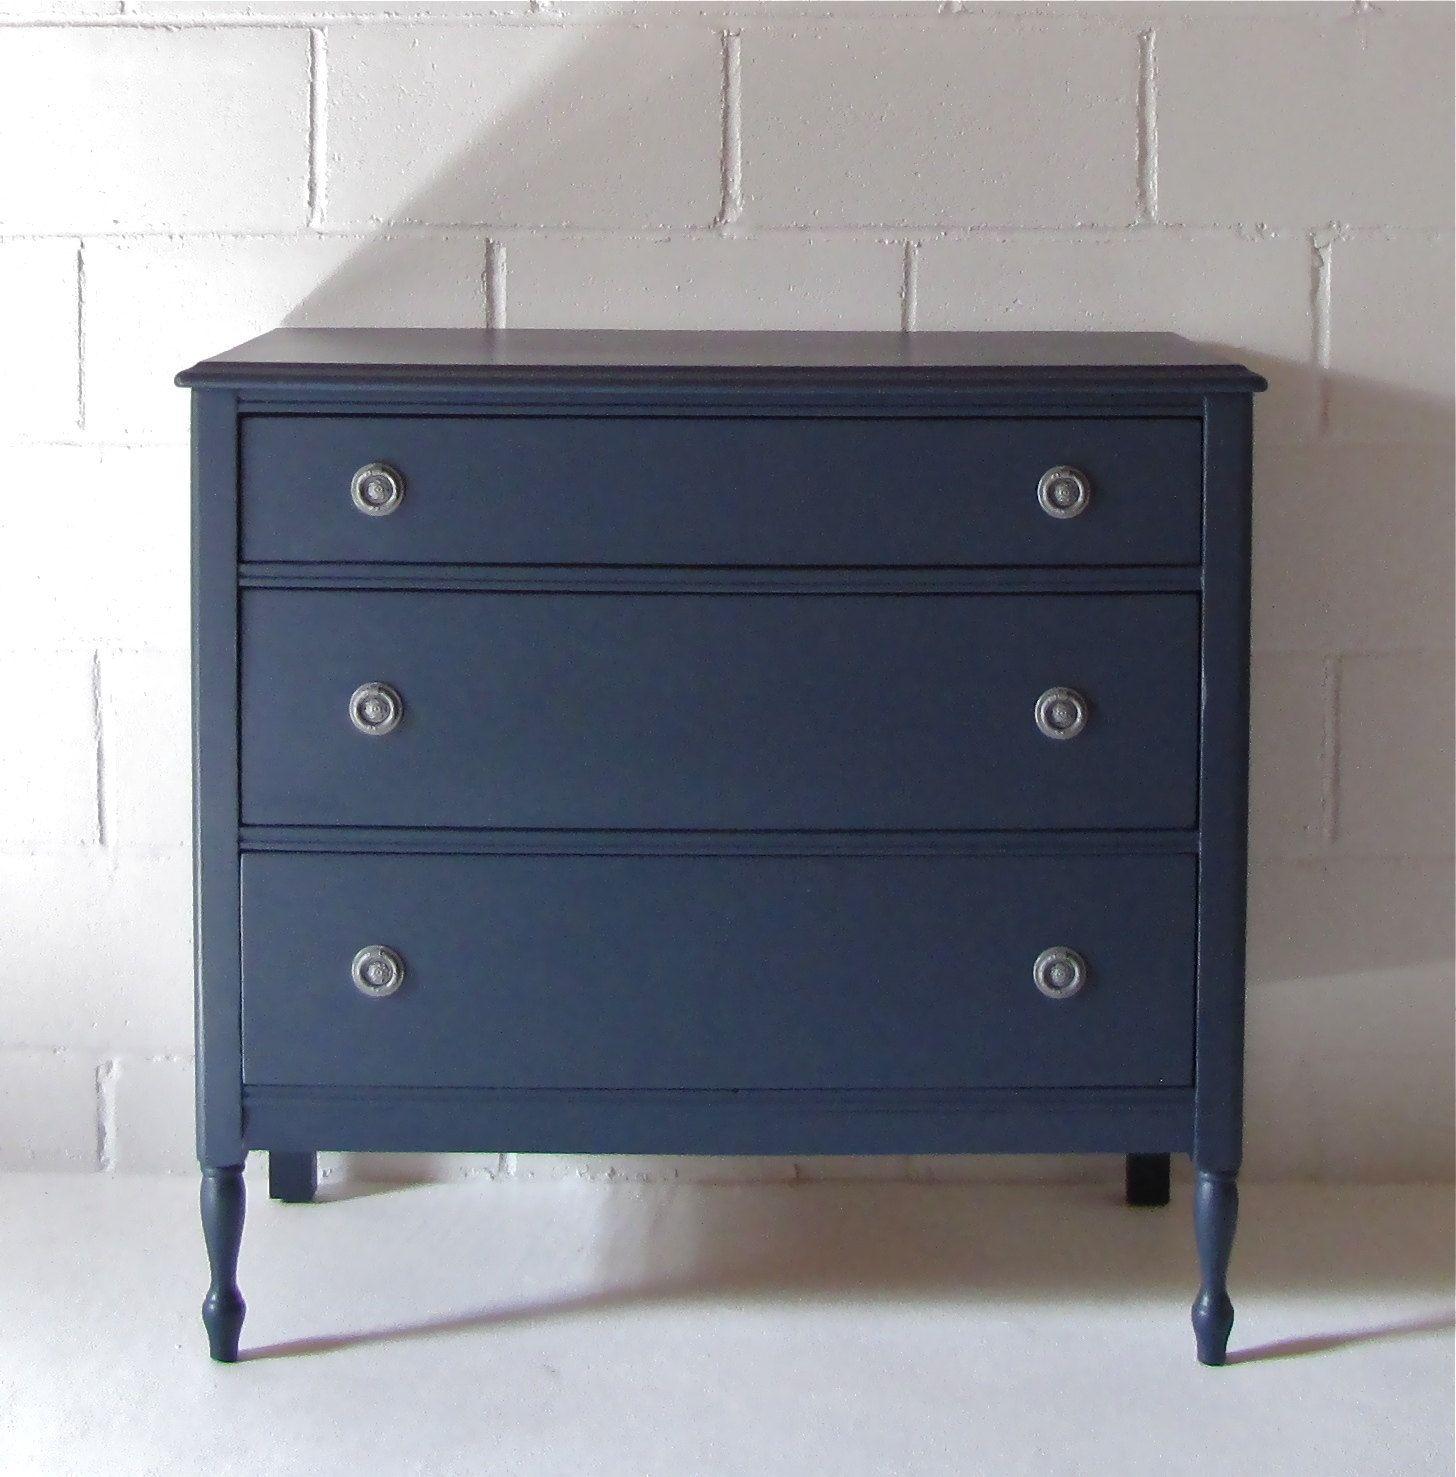 Navy Blue Antique Dresser Via Etsy Painted - Navy blue dresser bedroom furniture